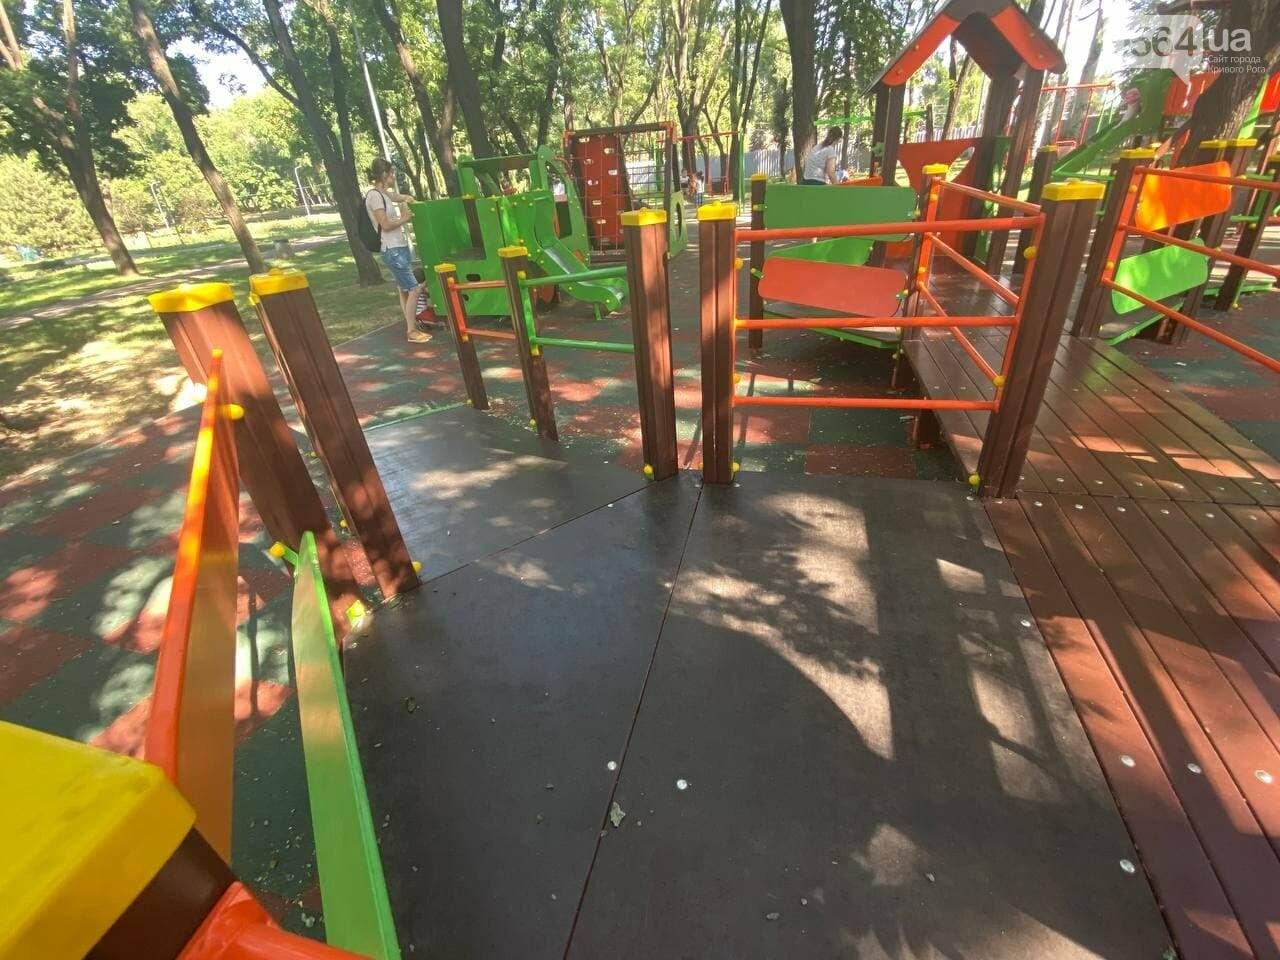 В Кривом Роге родители обсуждают безопасность новой детской площадки возле горисполкома, - ФОТО , фото-8